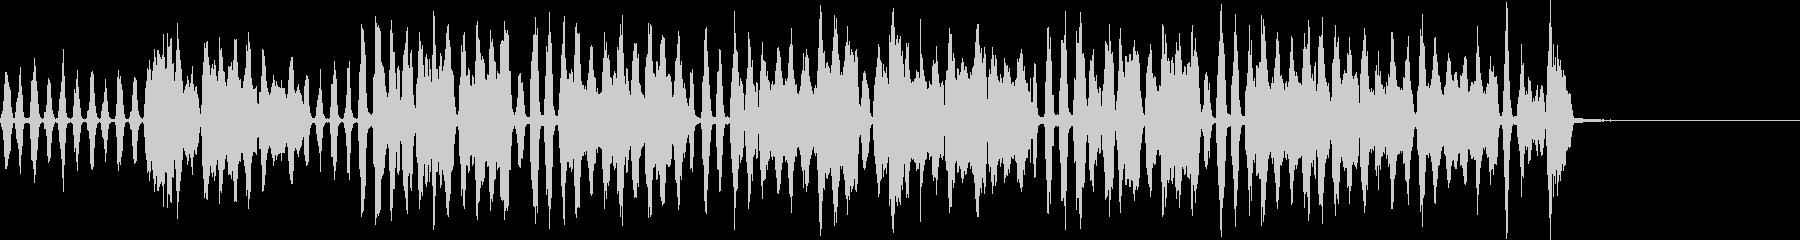 ほのぼのワルツの未再生の波形